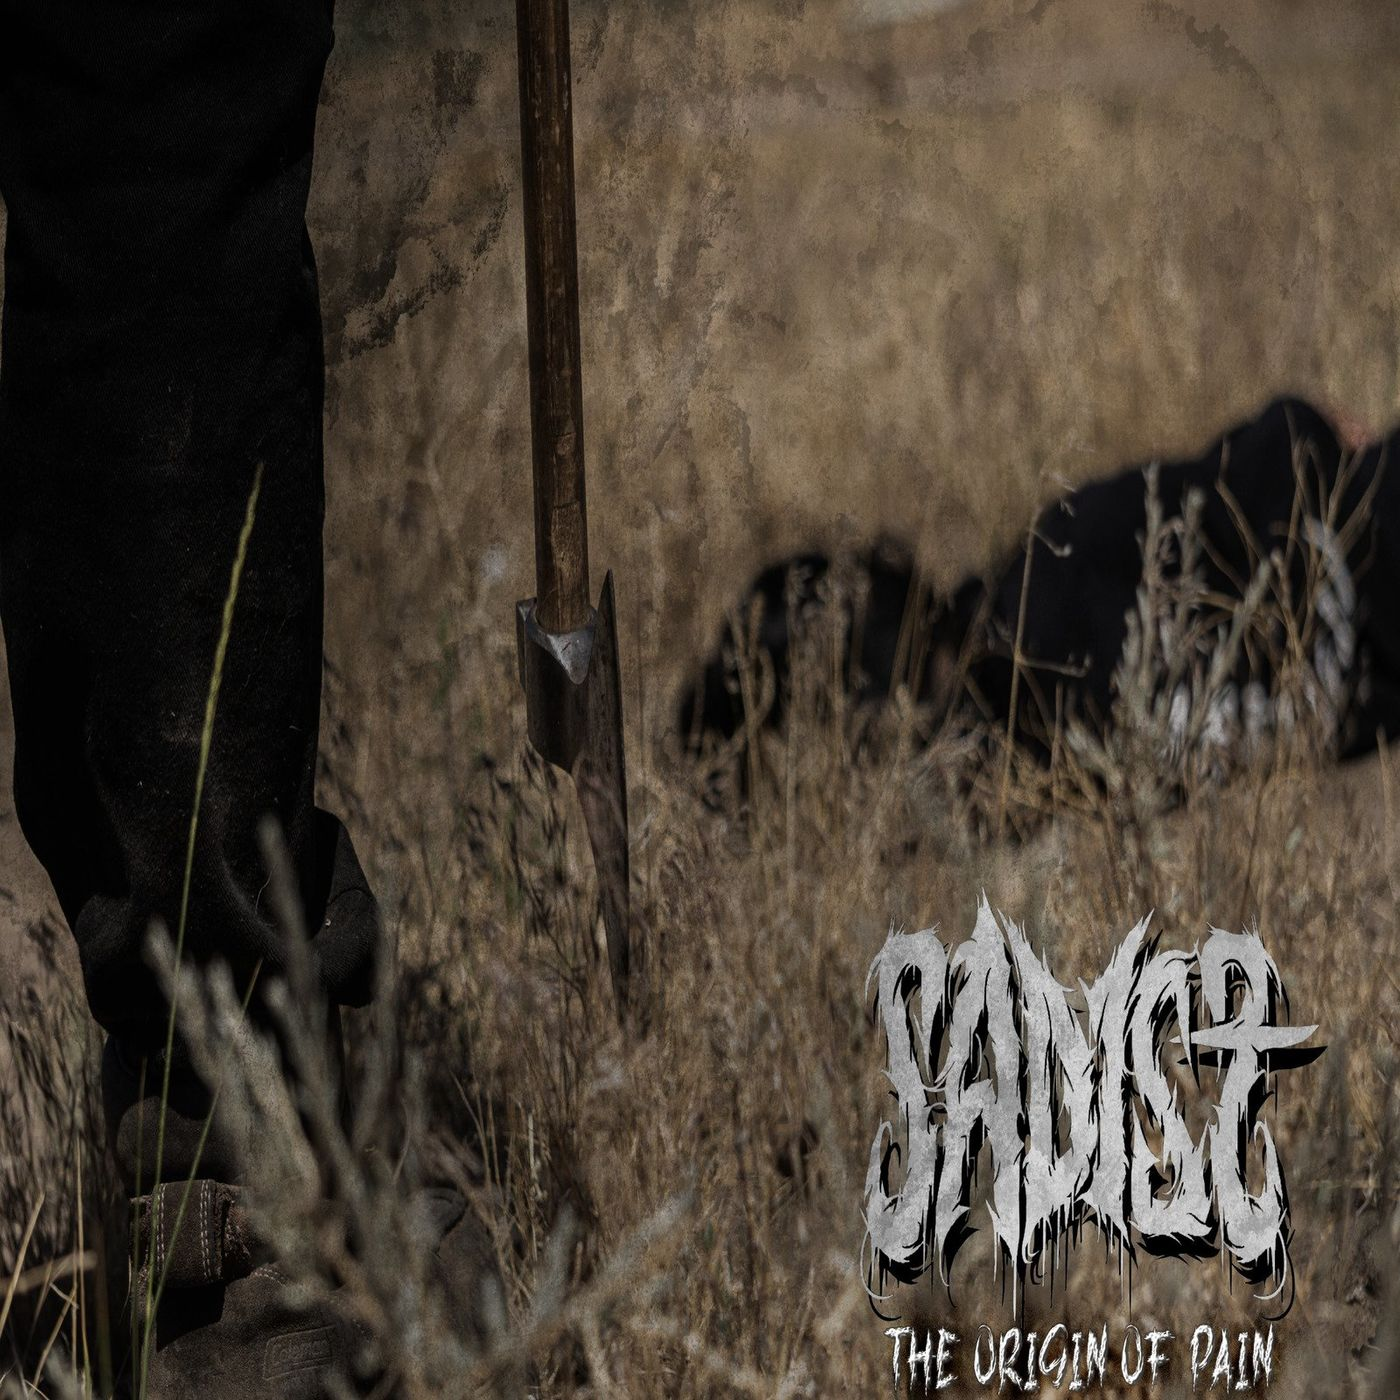 Sadist - The Origin of Pain [EP] (2020)